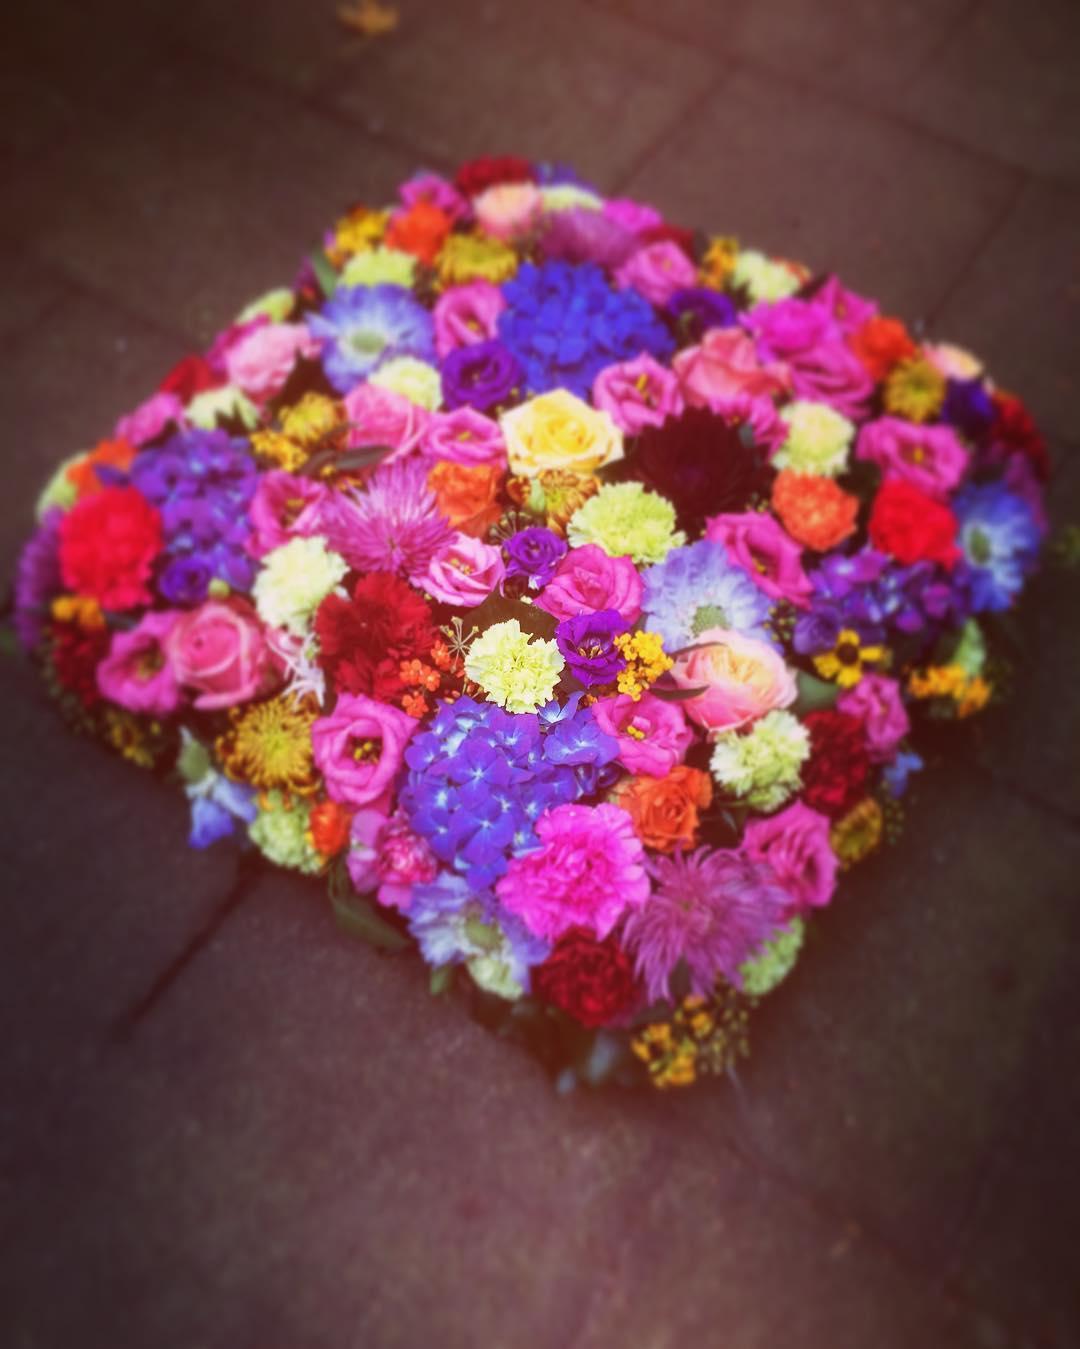 cushion shockingcolors colorful flowers funeral flowershop antwerp florartesantwerp